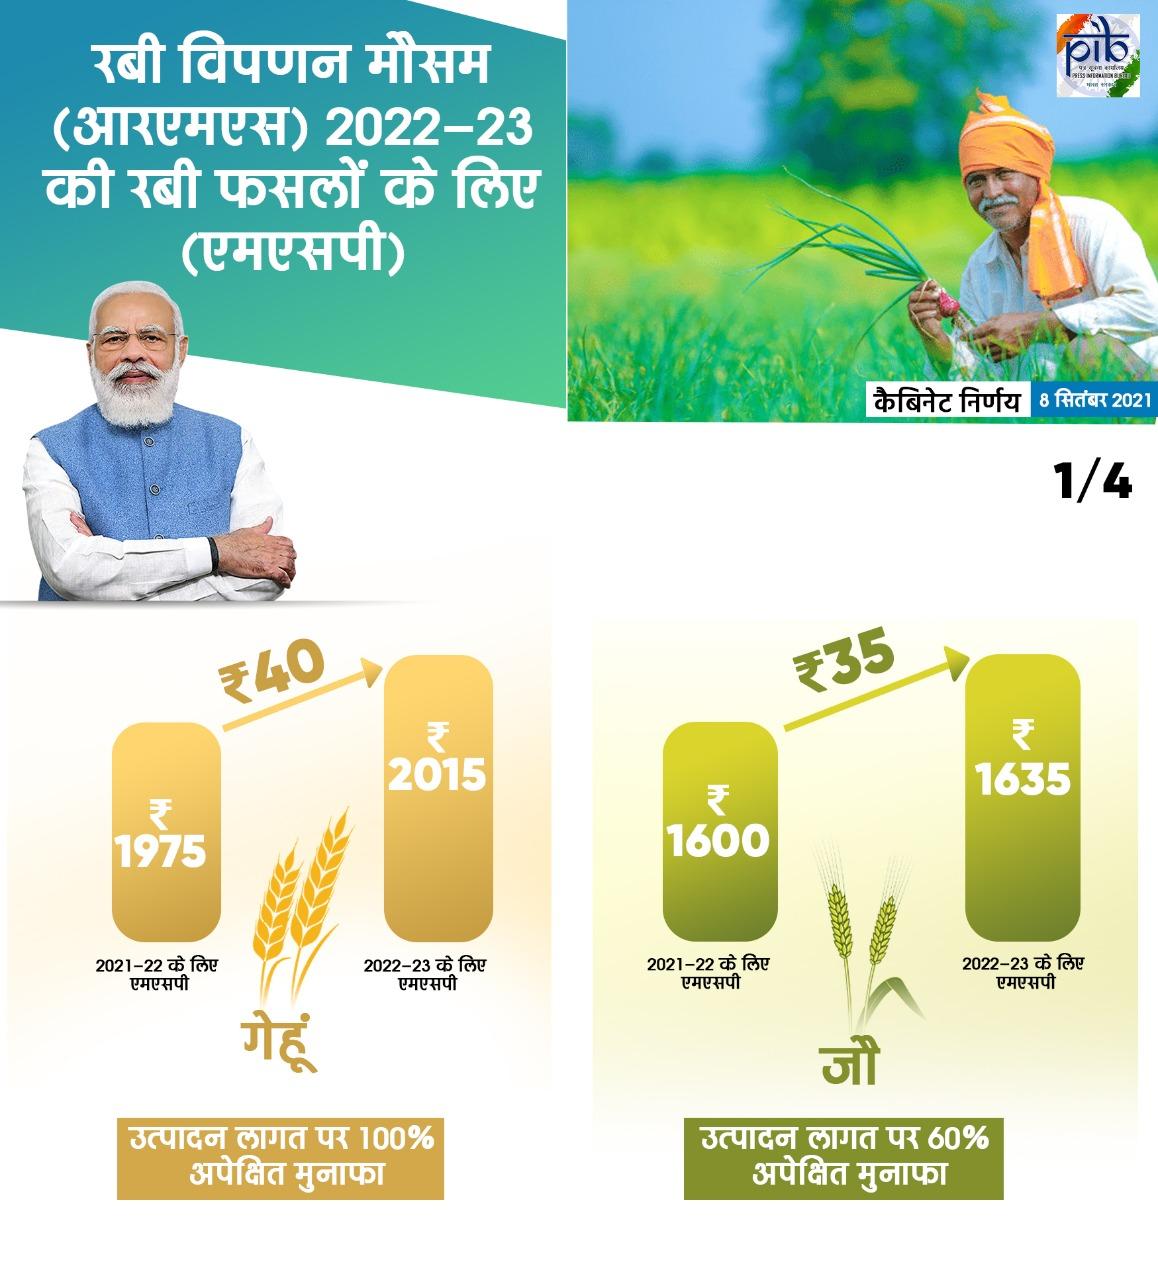 केंद्र सरकार ने फिर बढ़ाई रबी फसलों की एमएसपी, 100 प्रतिशत तक वृद्धि से करोड़ों किसानों को मिलेगा लाभ